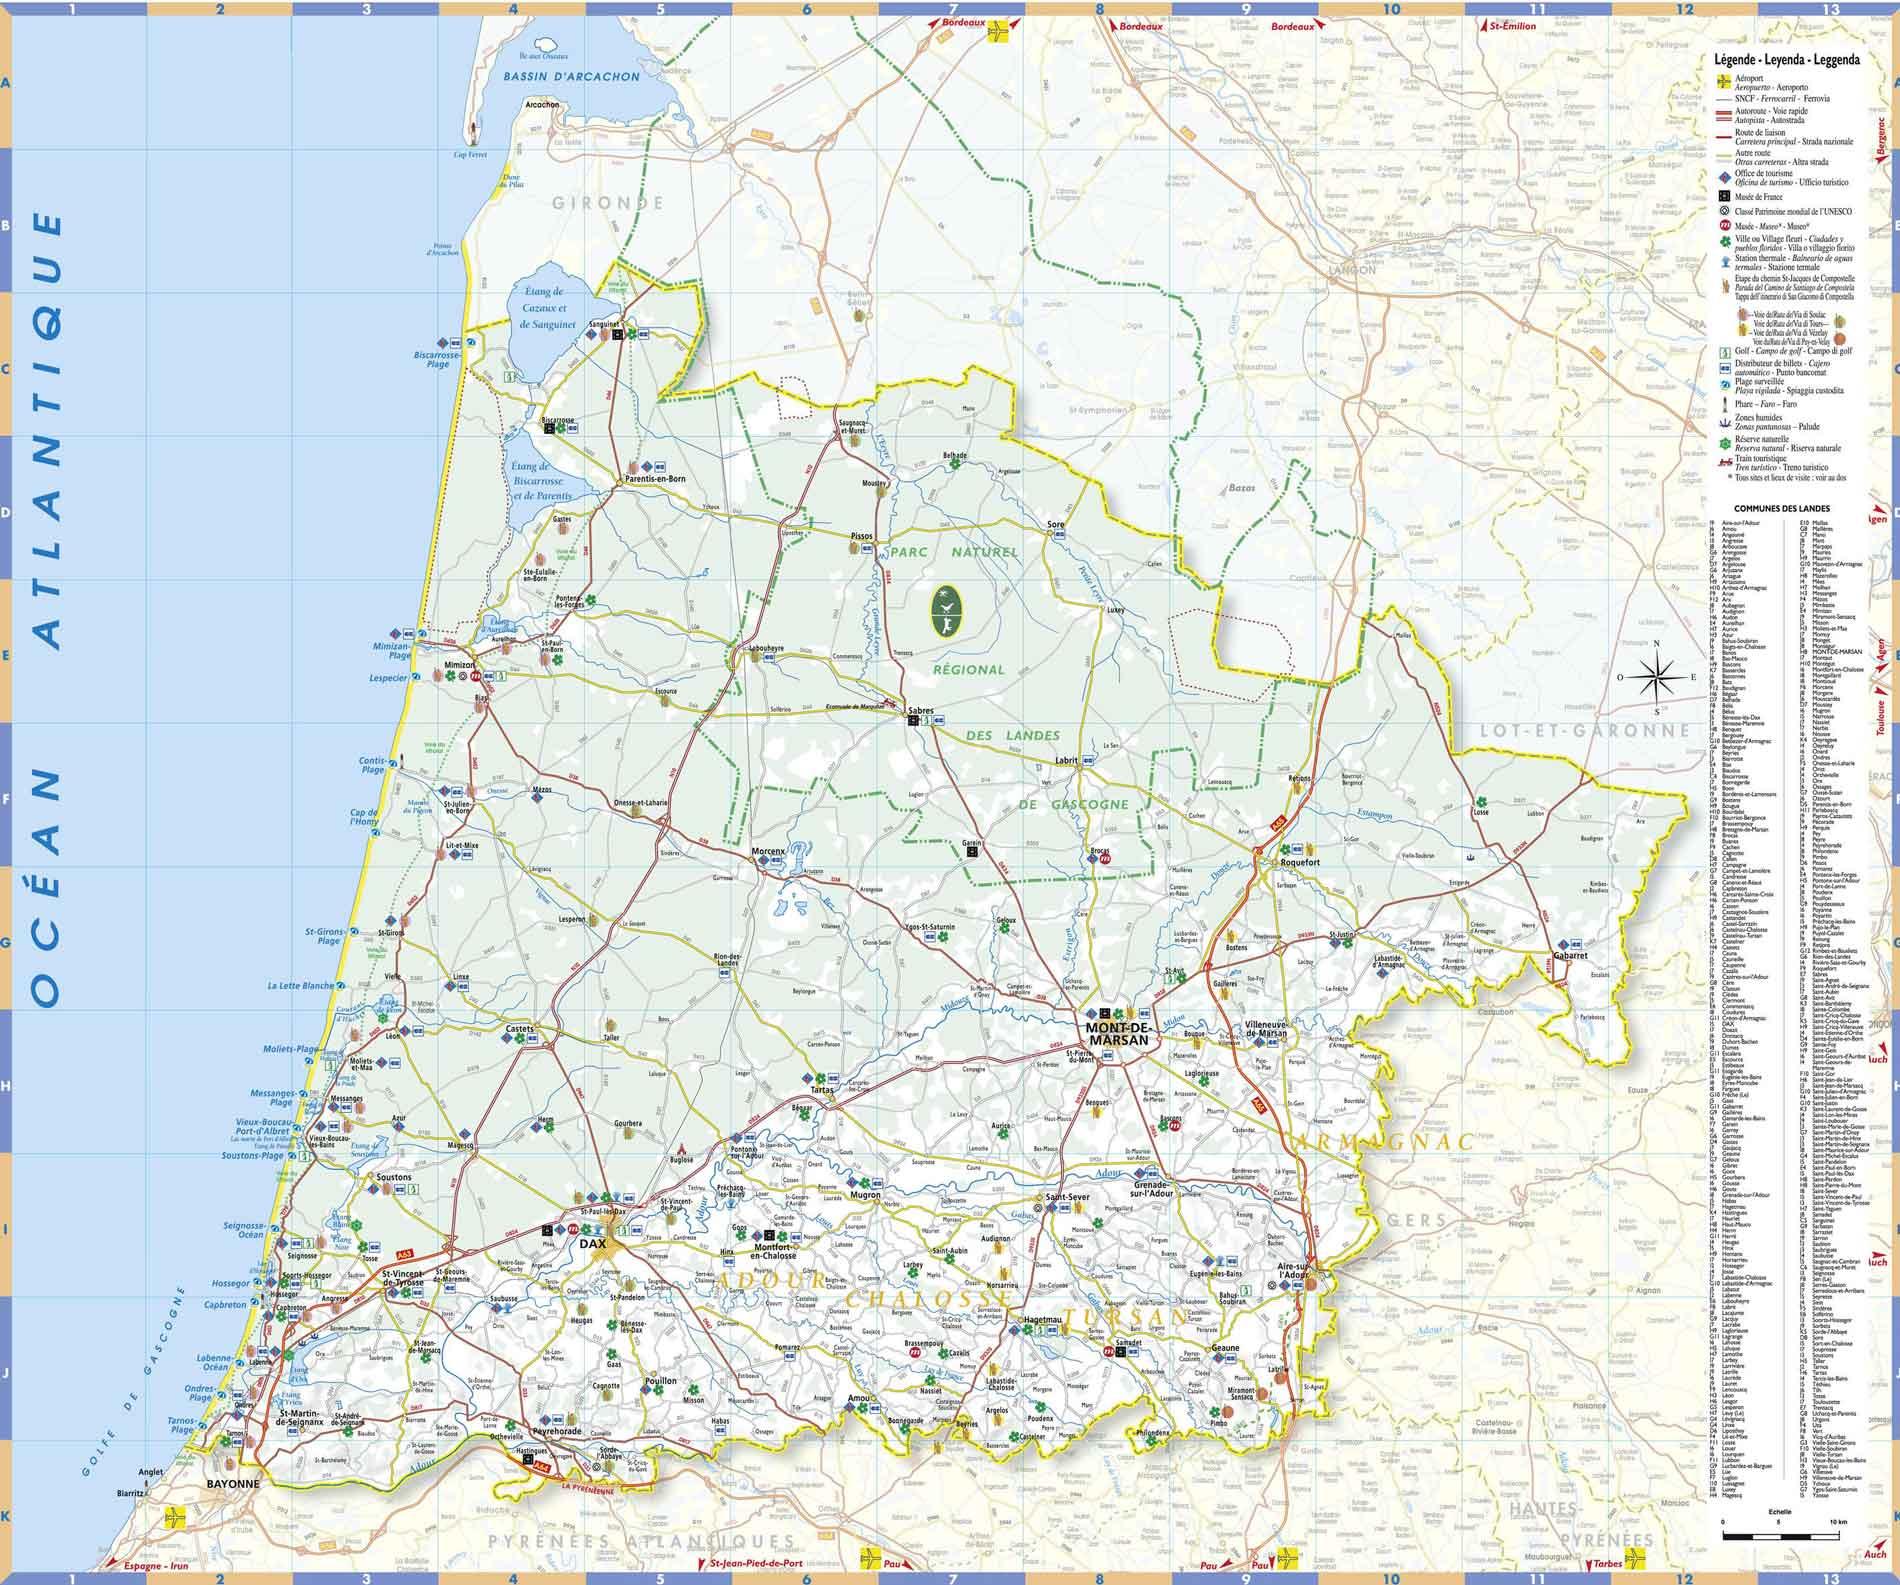 Carte Des Landes : Carte Détaillée Des Landes, Département intérieur Carte Avec Les Departement